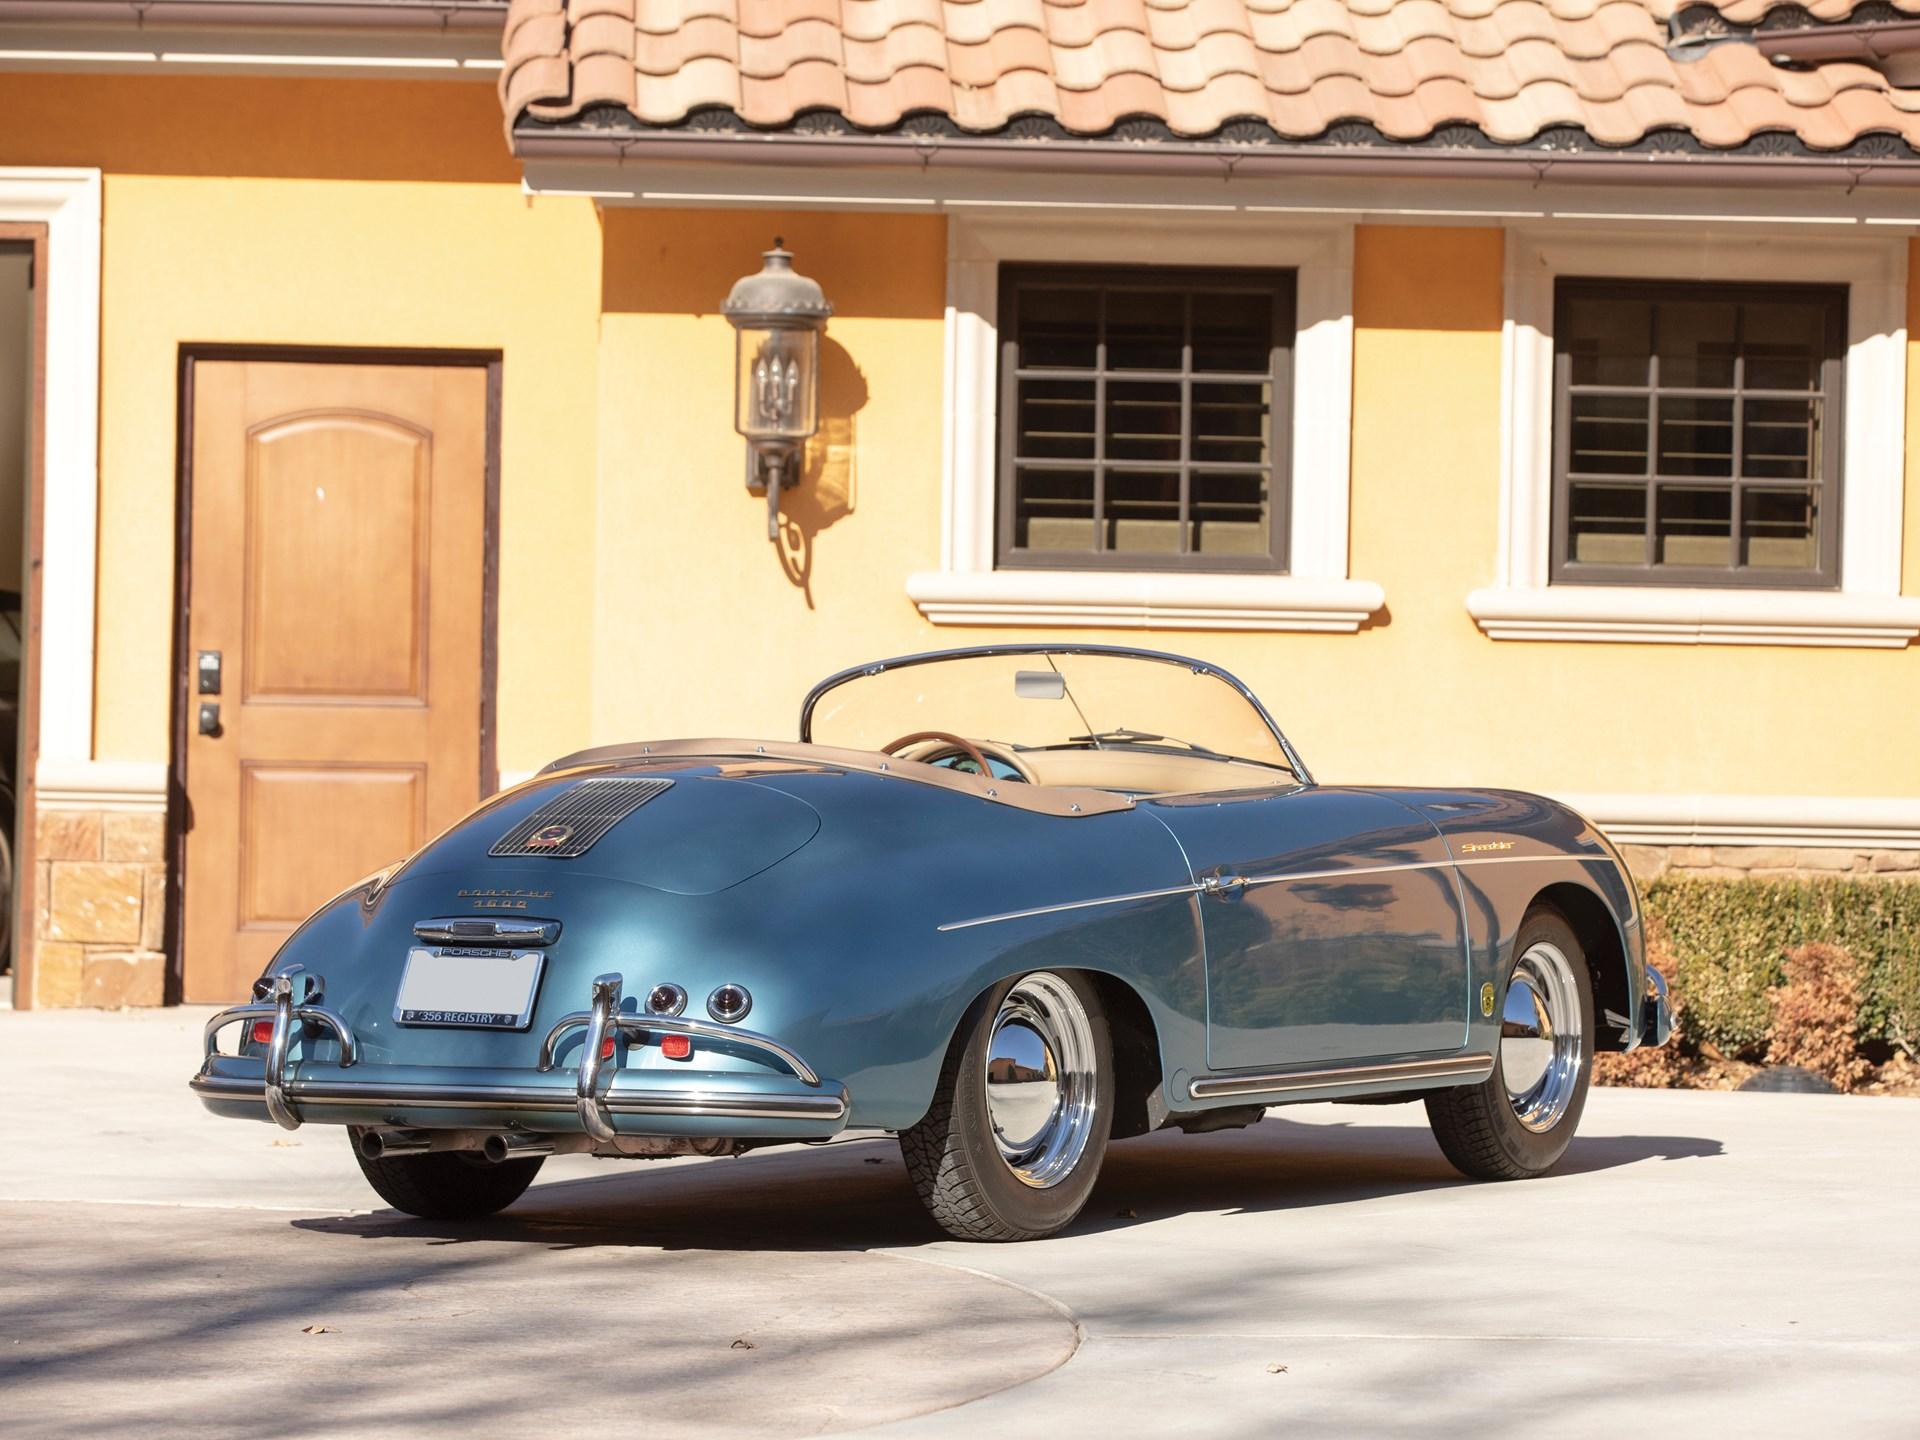 RM Sotheby's - 1957 Porsche 356 A 1600 Speedster by Reutter